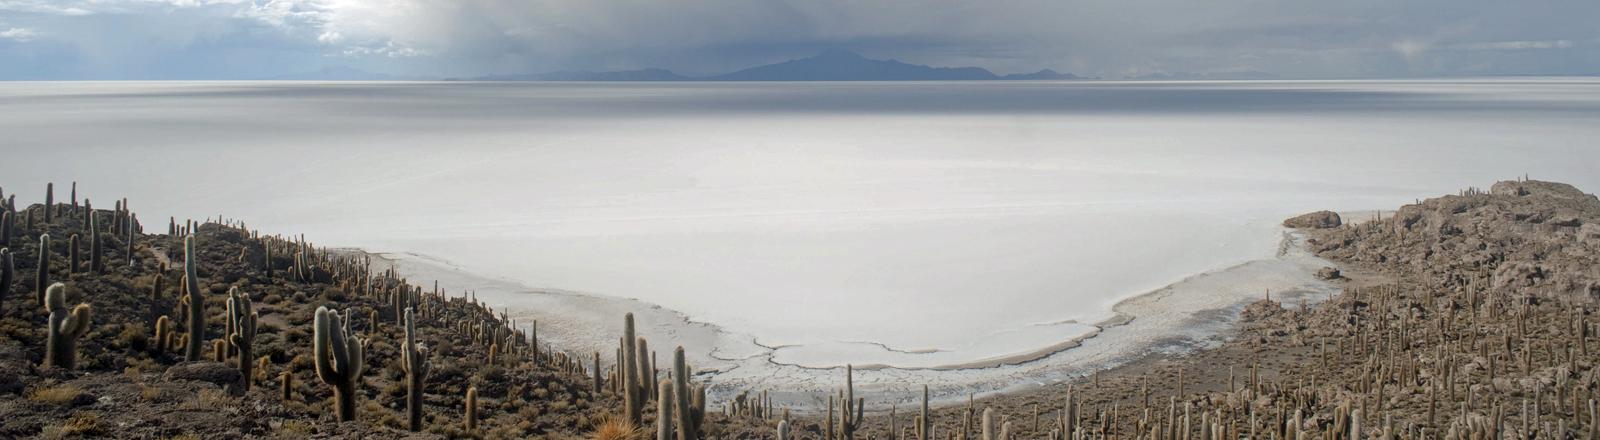 Der Salar de Uyuni in Bolivien ist die größte Salzpfanne der Erde.